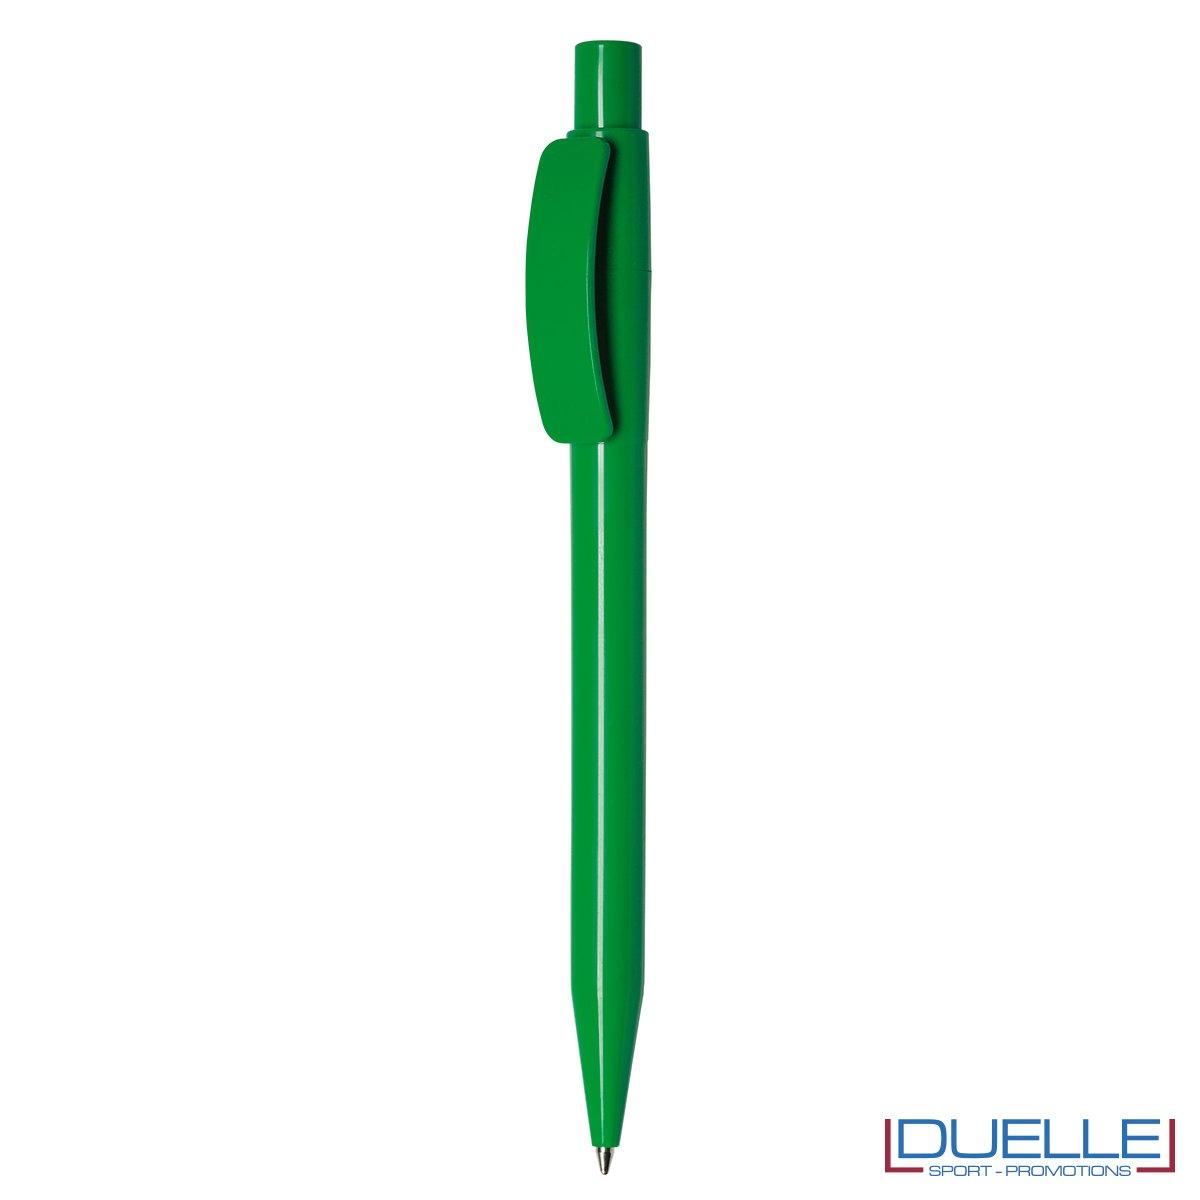 Penna Made in Italy personalizzata fusto verde, gadget aziendali, penne personalizzate, gadget personalizzati, articoli promozionali